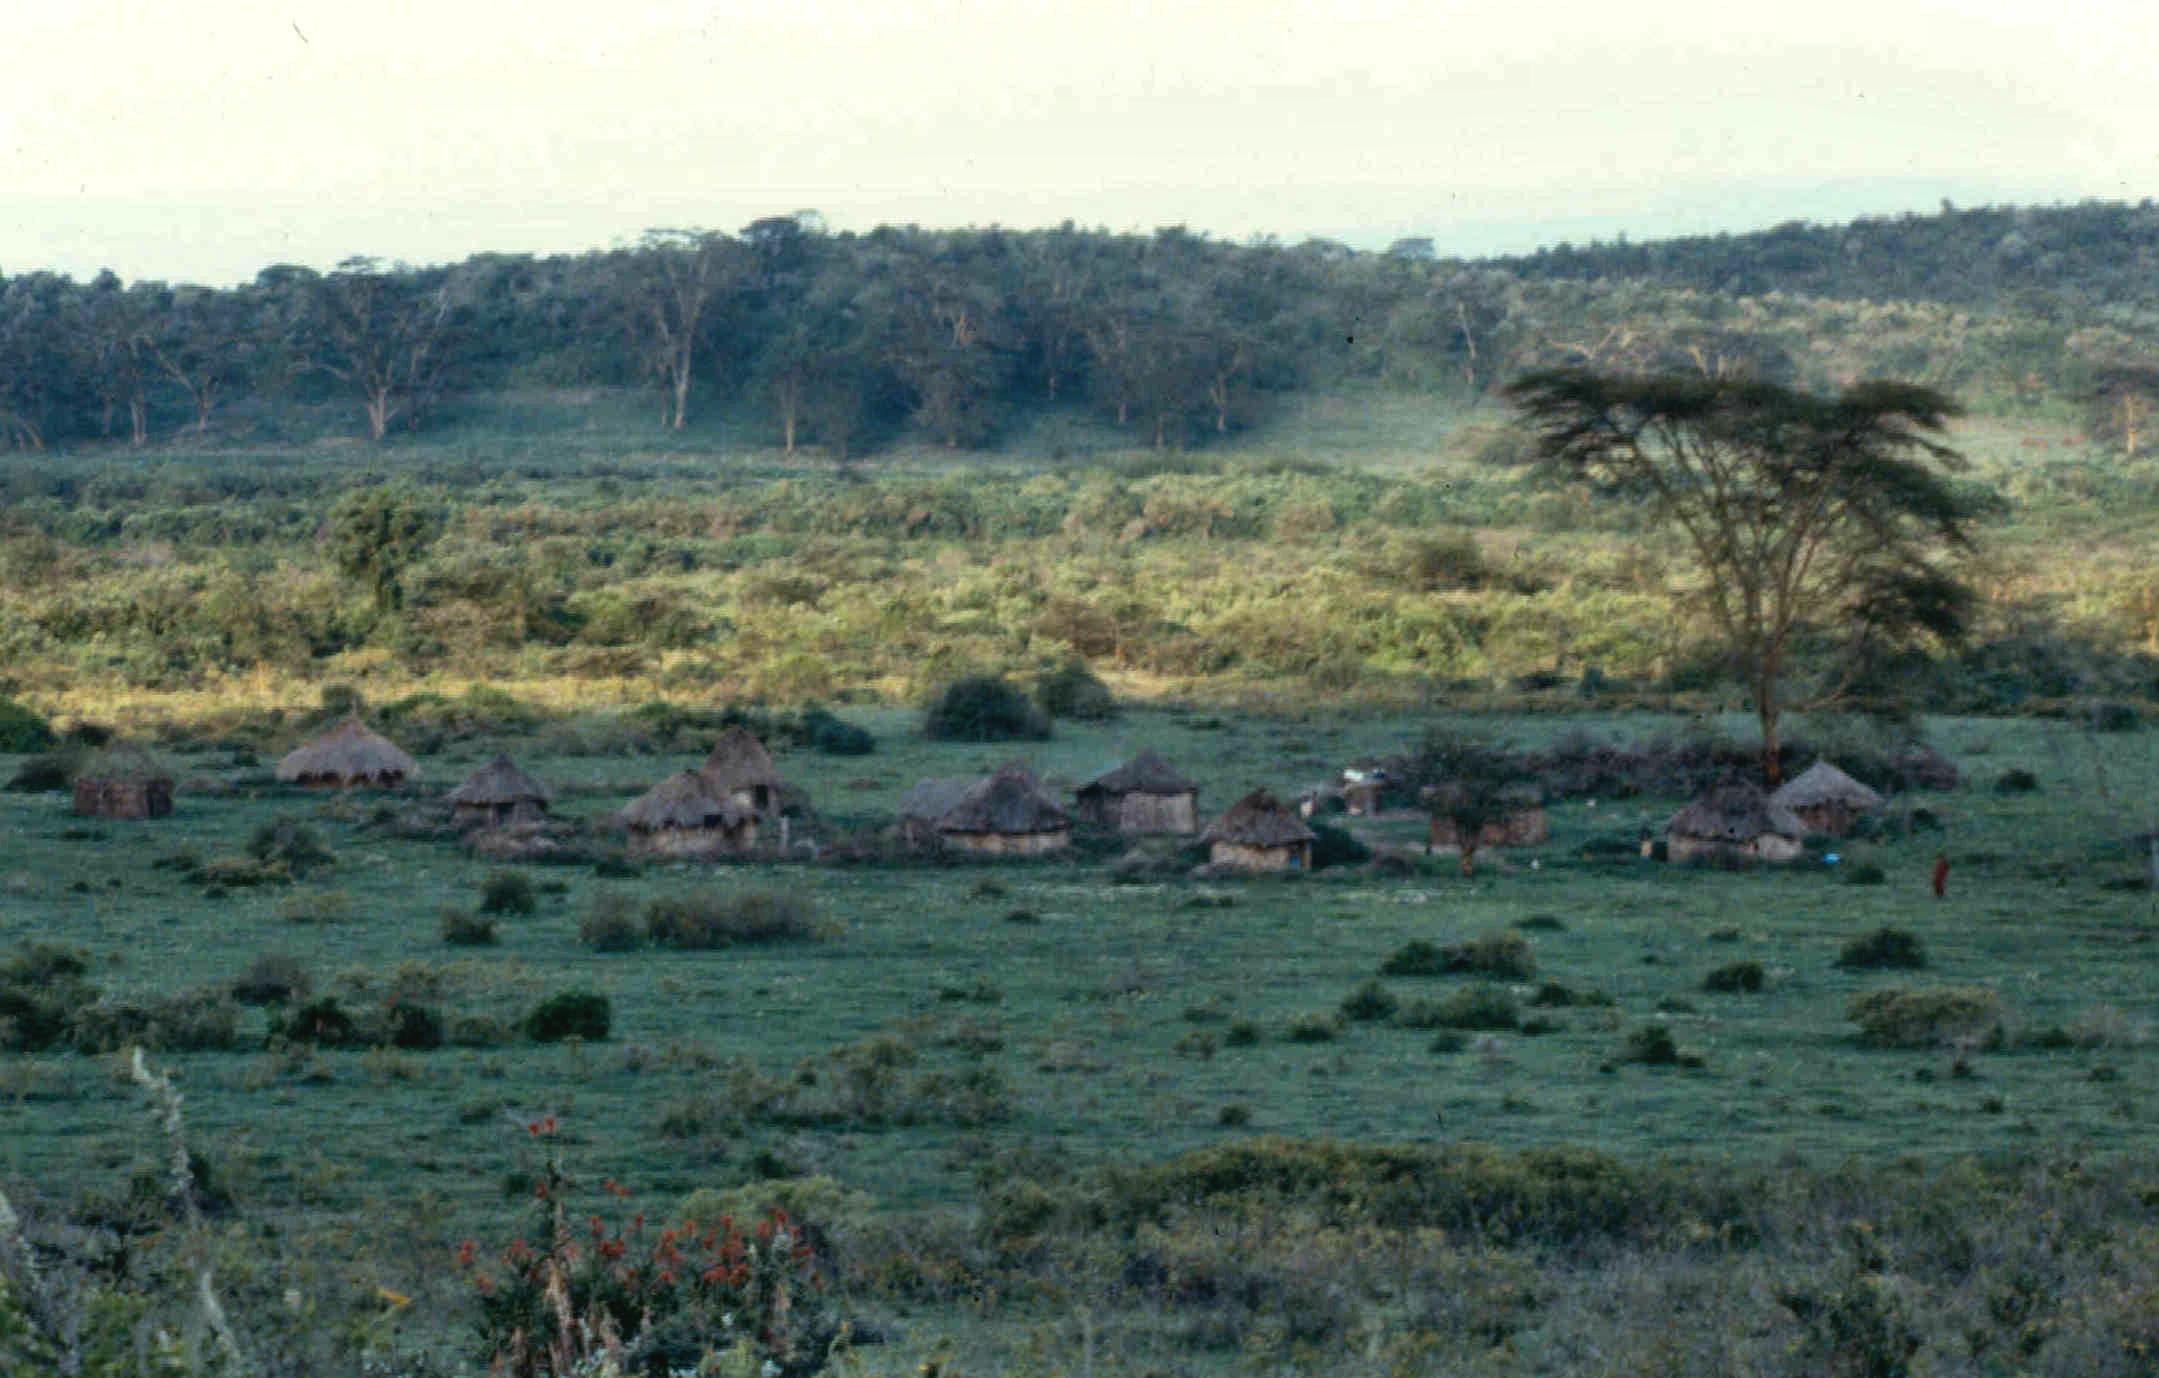 l naivasha group ranch west shore